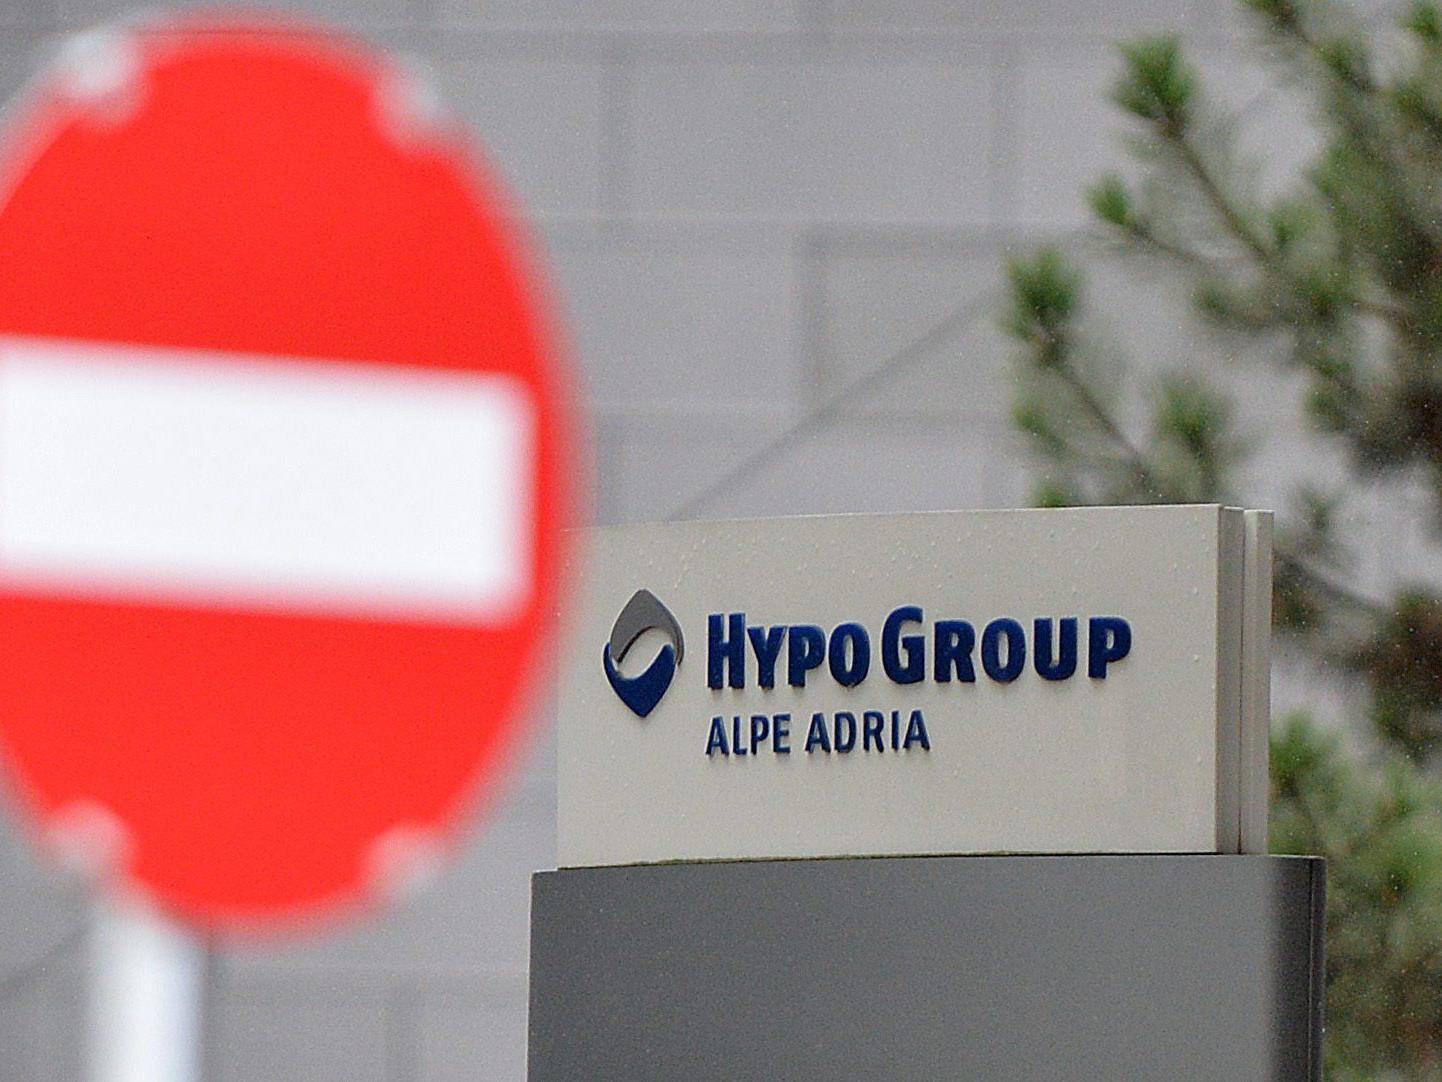 Von der Hypo Alpe Adria bleibt nicht mehr viel übrig